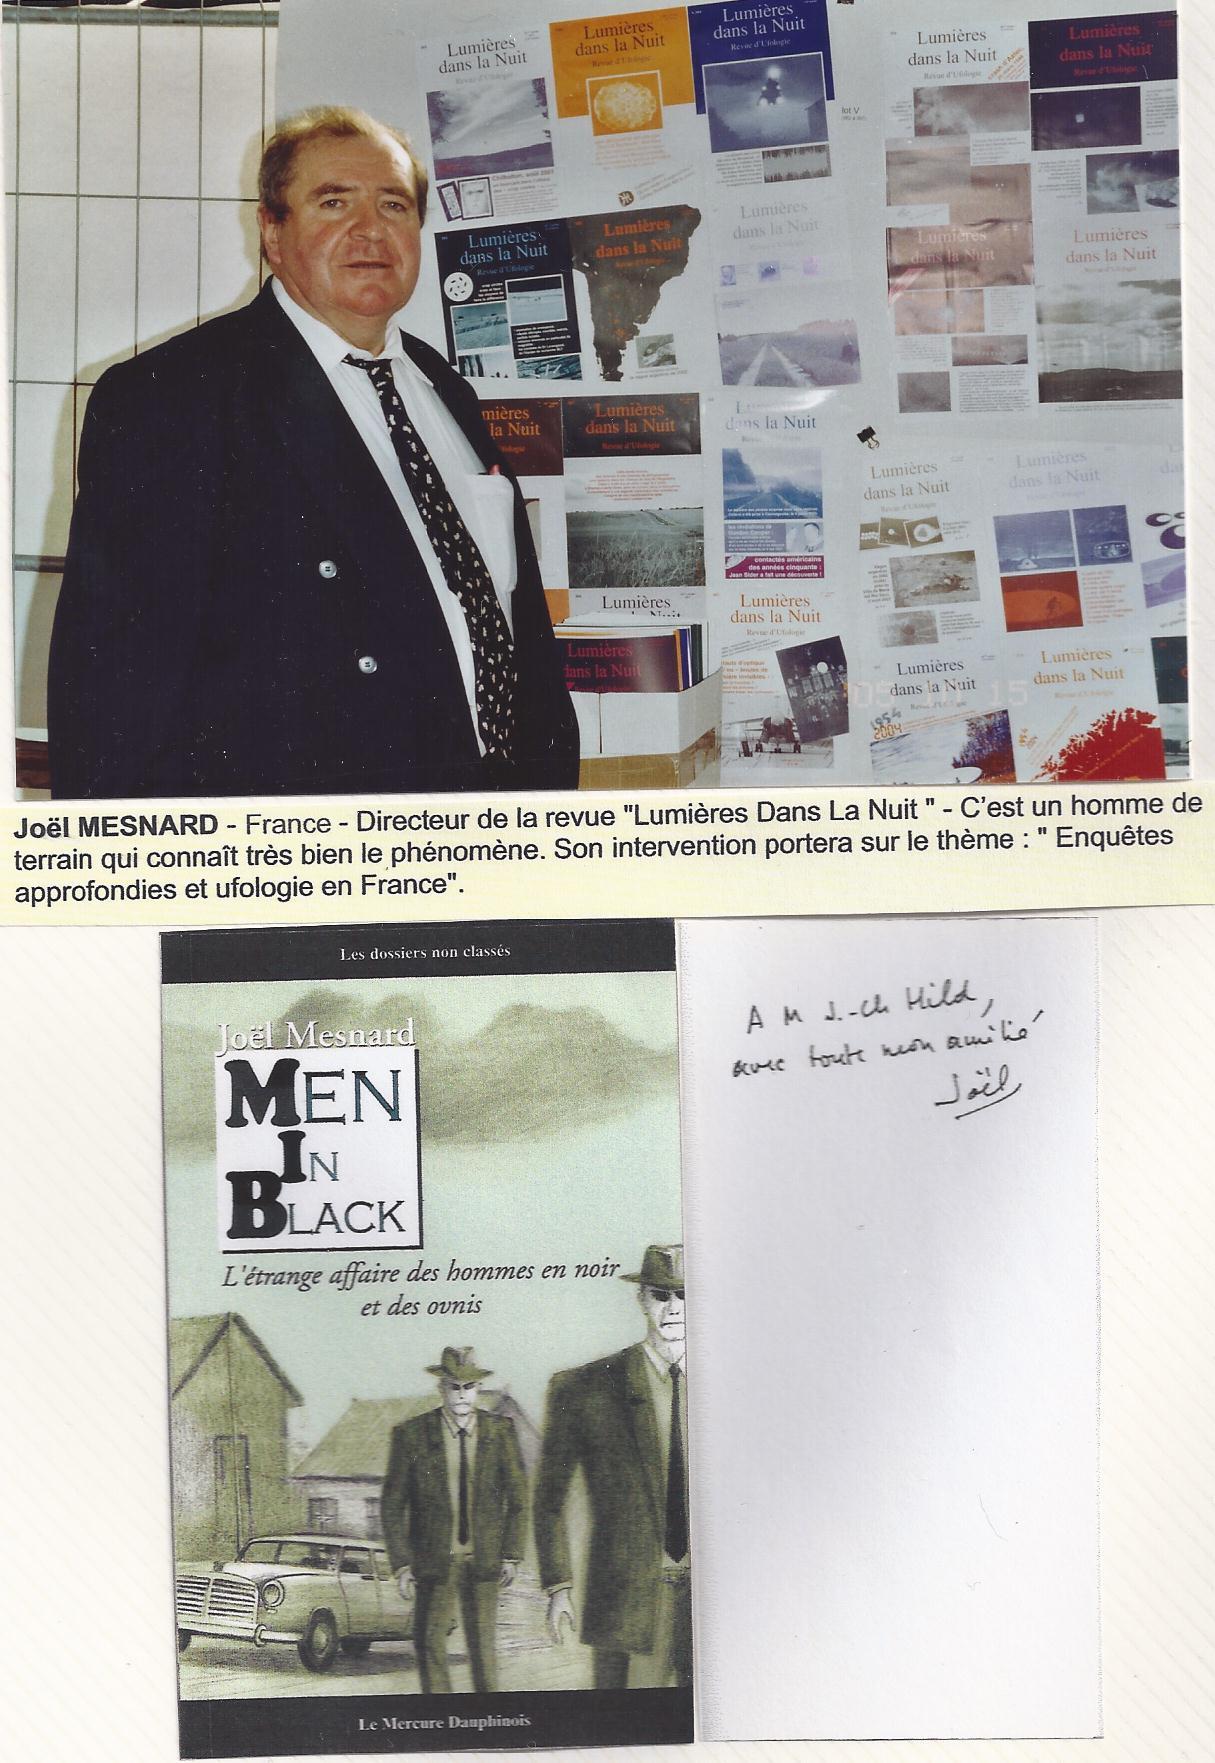 Joël MESNARD - 15 octobre 2005